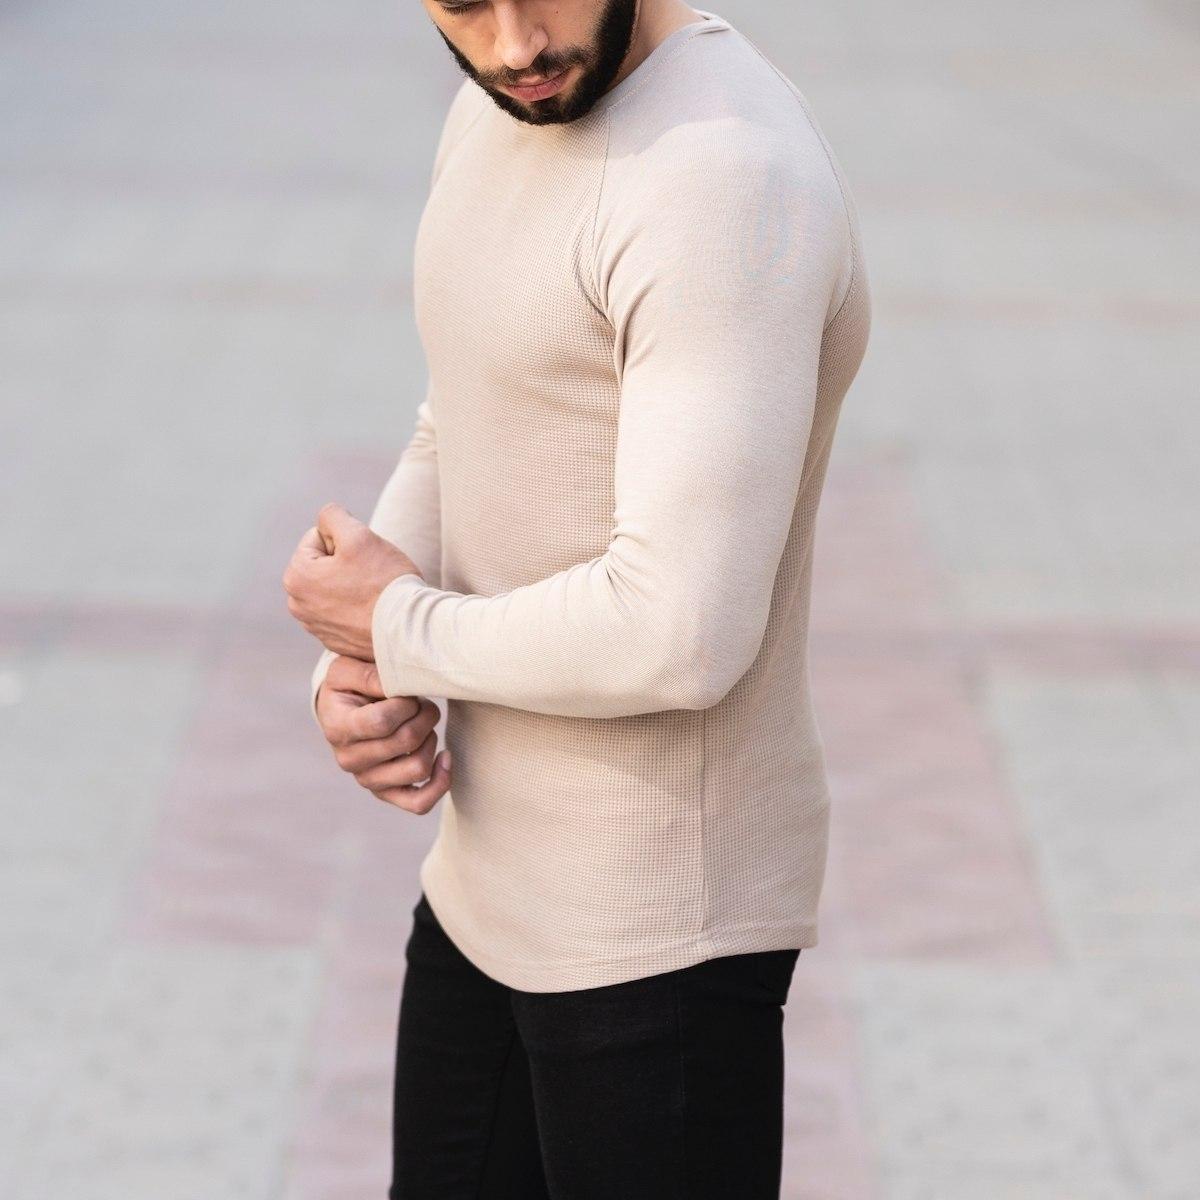 Dotwork Sweatshirt In Beige